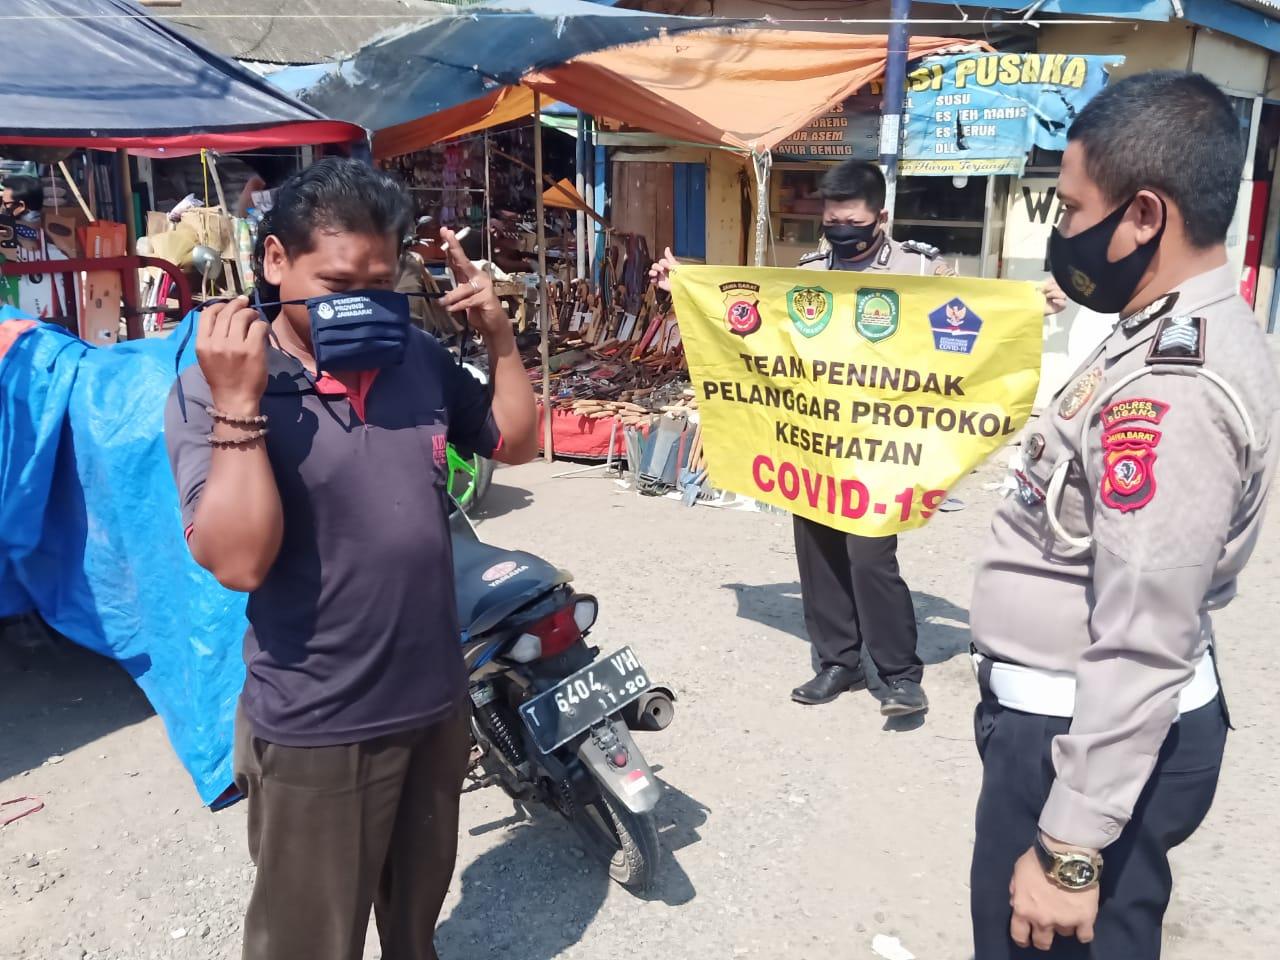 Kegiatan Ops Yustisi Gaktibplin Protokol Kesehatan Covid-19 Inpres No 6 Tahun 2020 di Daerah Hukum Polsek Pusakanagara Polres Subang